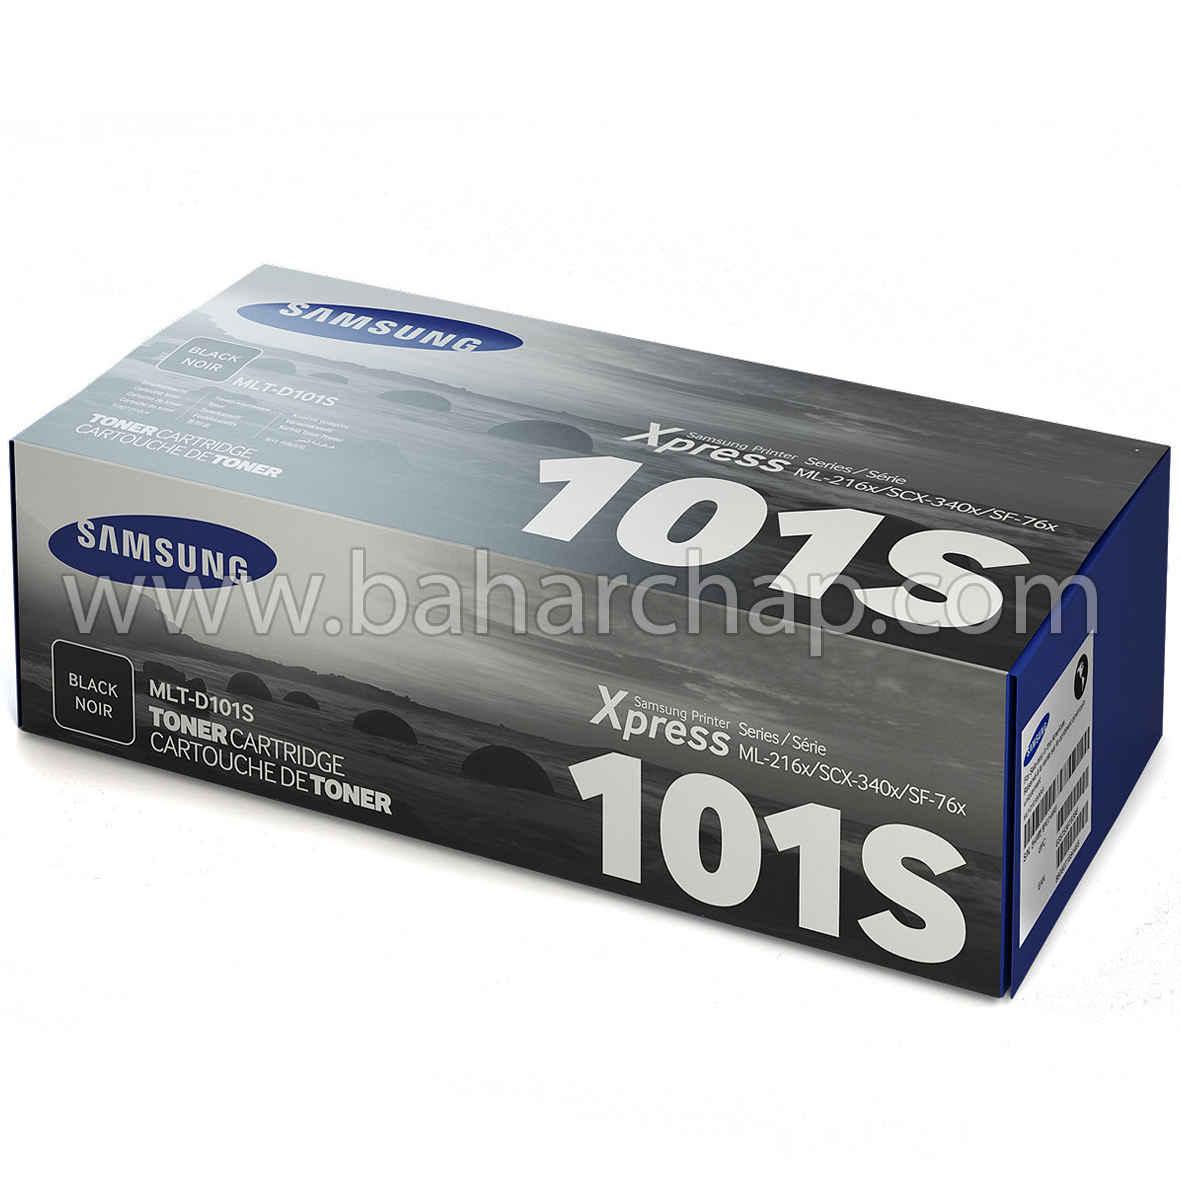 فروشگاه و خدمات اینترنتی بهارچاپ اصفهان-کارتریج 101 ال سامسونگ -Samsung 101L cartridge